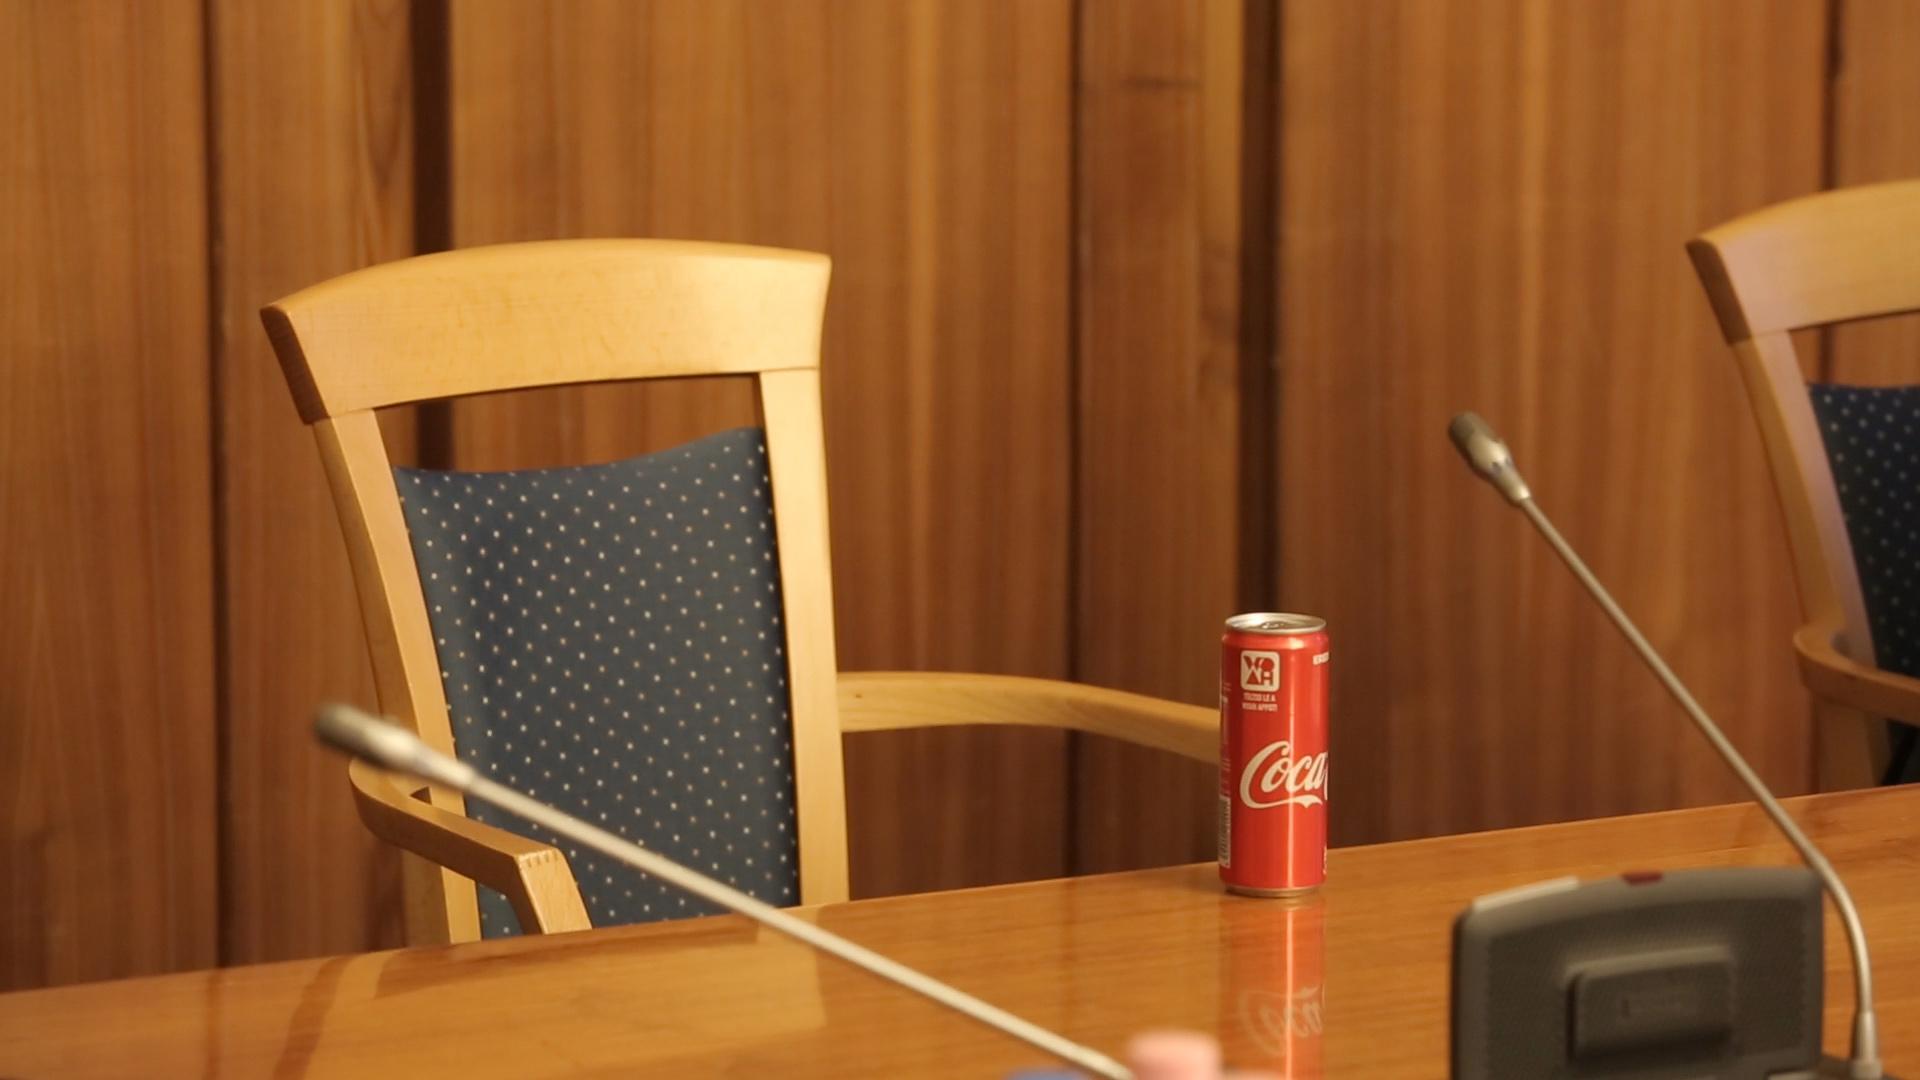 A köztévé székházában történtekről tárgyalt volna a nemzetbiztonsági bizottság, de a fideszesek nem mentek el az ülésre